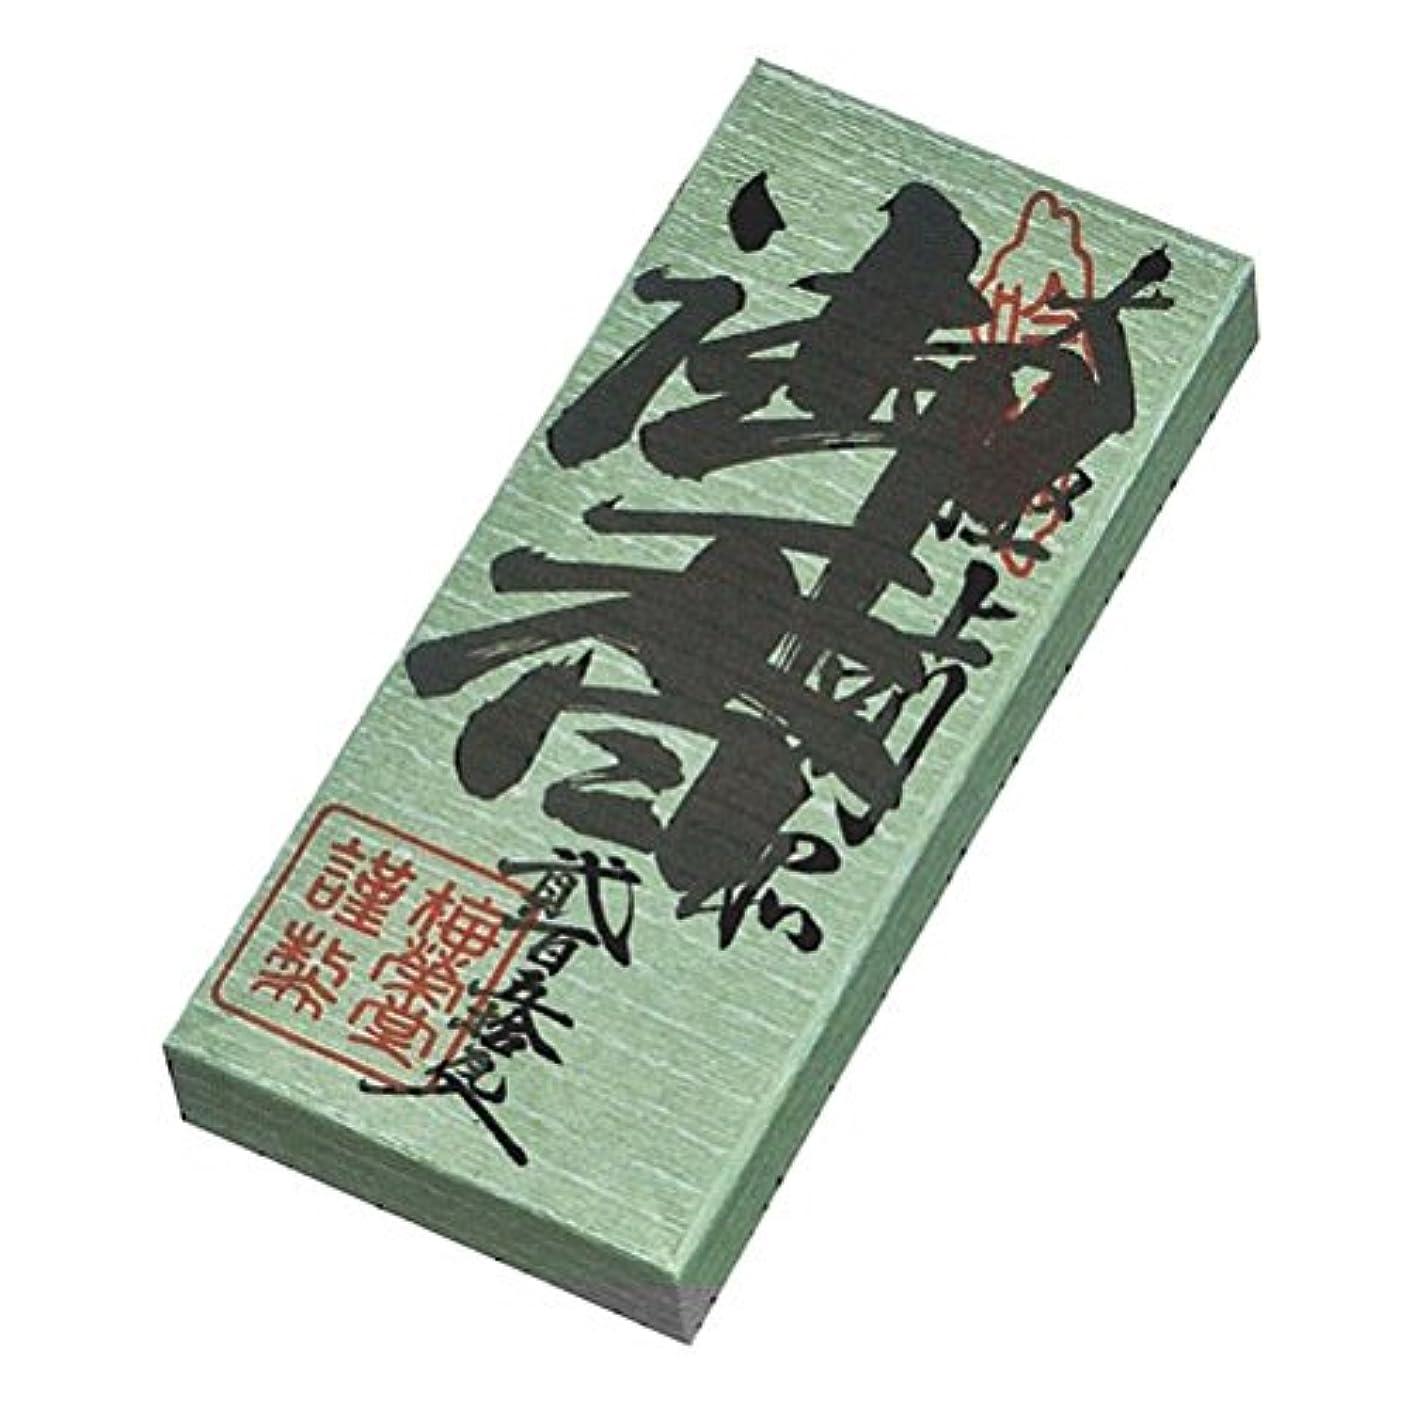 誤解チョコレートインド崇徳印 250g 紙箱入り お焼香 梅栄堂